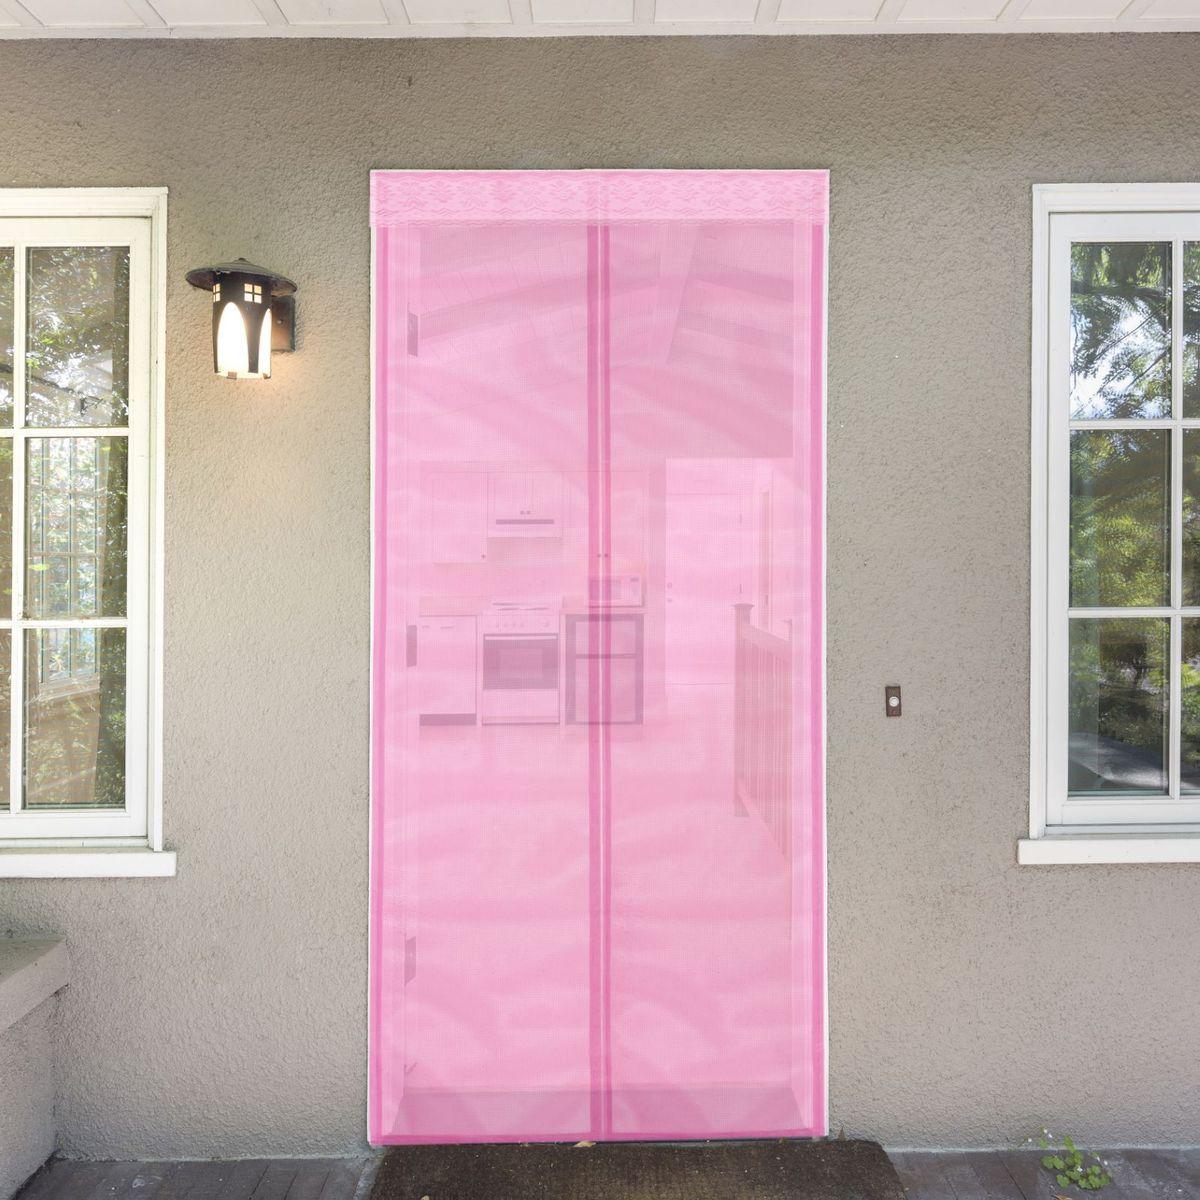 Сетка антимоскитная, на магнитной ленте, цвет: розовый, 80 х 210 смAS 25Занавес от насекомых на магнитной ленте универсален в использовании: подвесьте его при входе в садовый дом или балкон, чтобы предотвратить попадание комаров внутрь жилища. Наслаждайтесь свежим воздухом без компании надоедливых насекомых!Чтобы зафиксировать занавес в дверном проеме, достаточно закрепить занавеску по периметру двери с помощью кнопок, идущих в комплекте.Принцип действия занавеса предельно прост: каждый раз, когда вы будете проходить сквозь шторы, они автоматически «захлопнутся» за вами благодаря магнитам, расположенным по всей его длине.